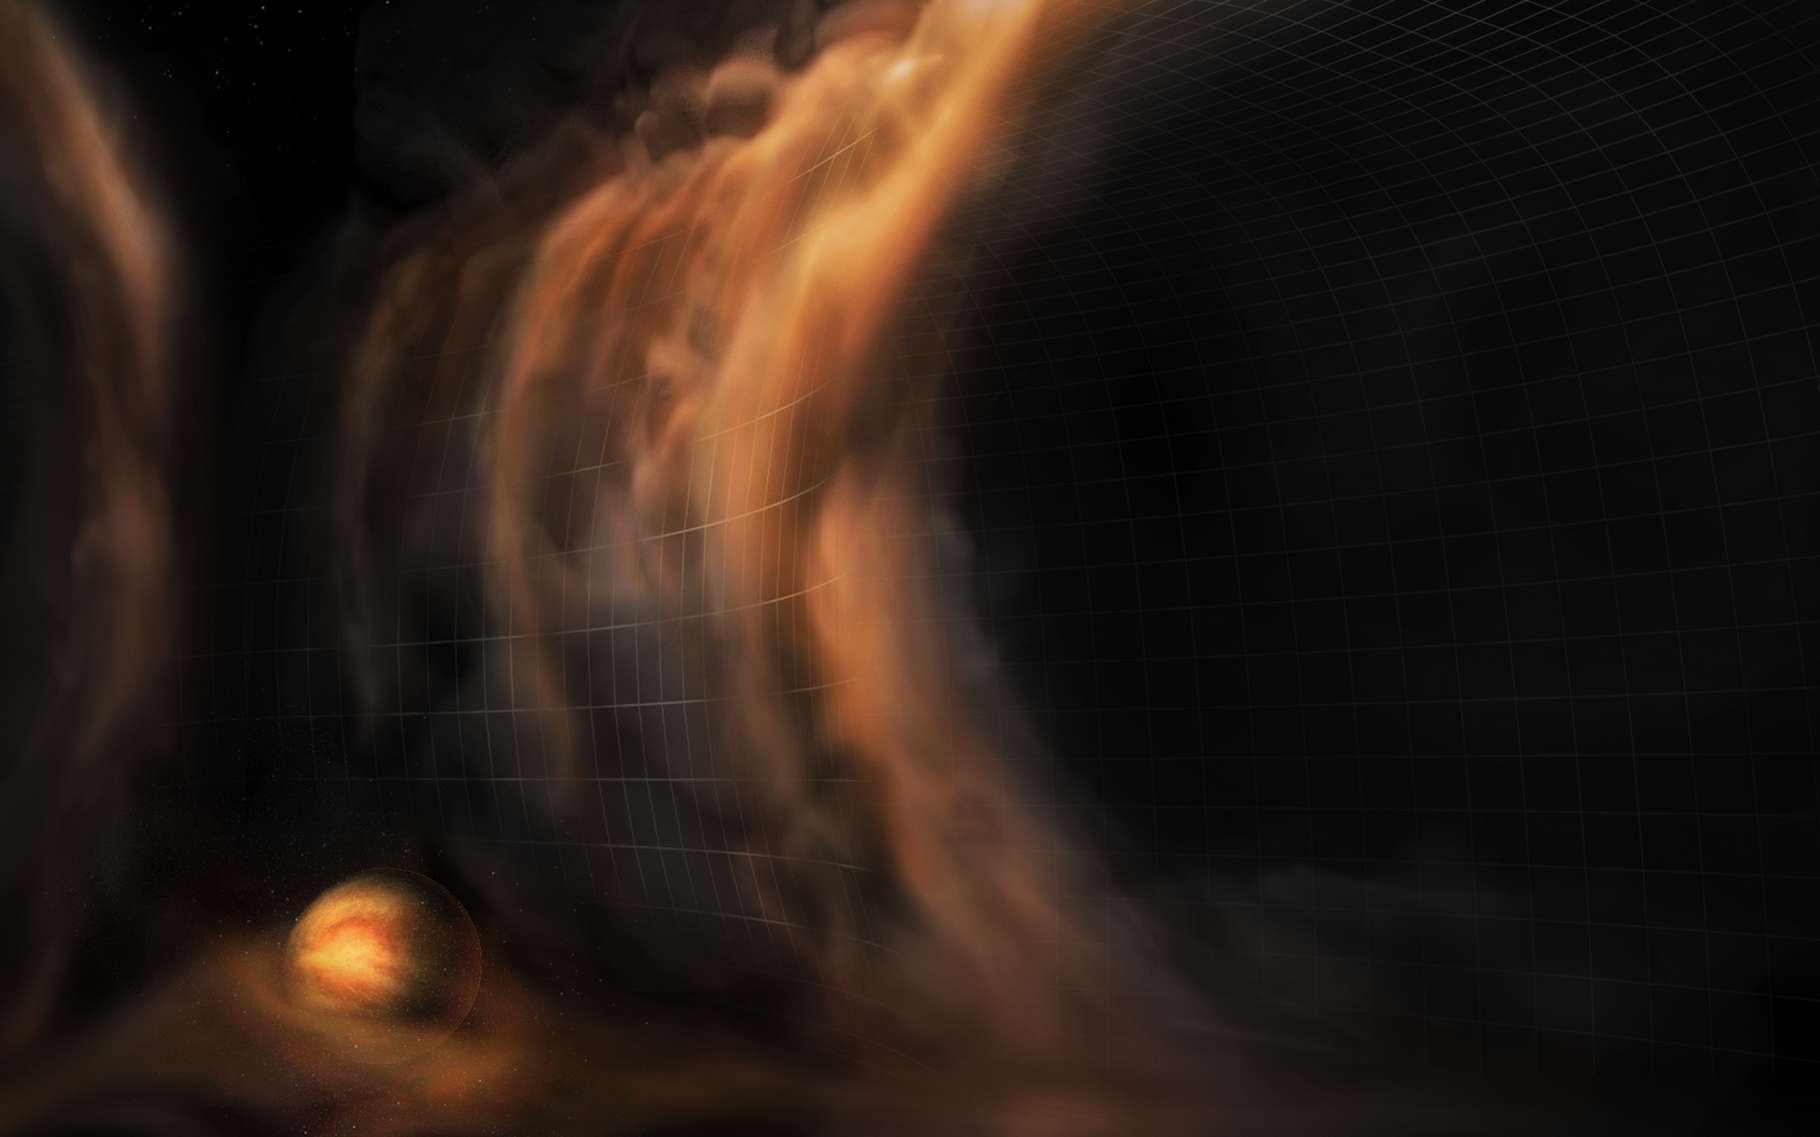 Une vue d'artiste des cascades de gaz observées par des chercheurs de l'université du Michigan (États-Unis) dans des espaces libres probablement formés par des planètes naissantes. © S. Dagnello, NRAO/AUI/NSF